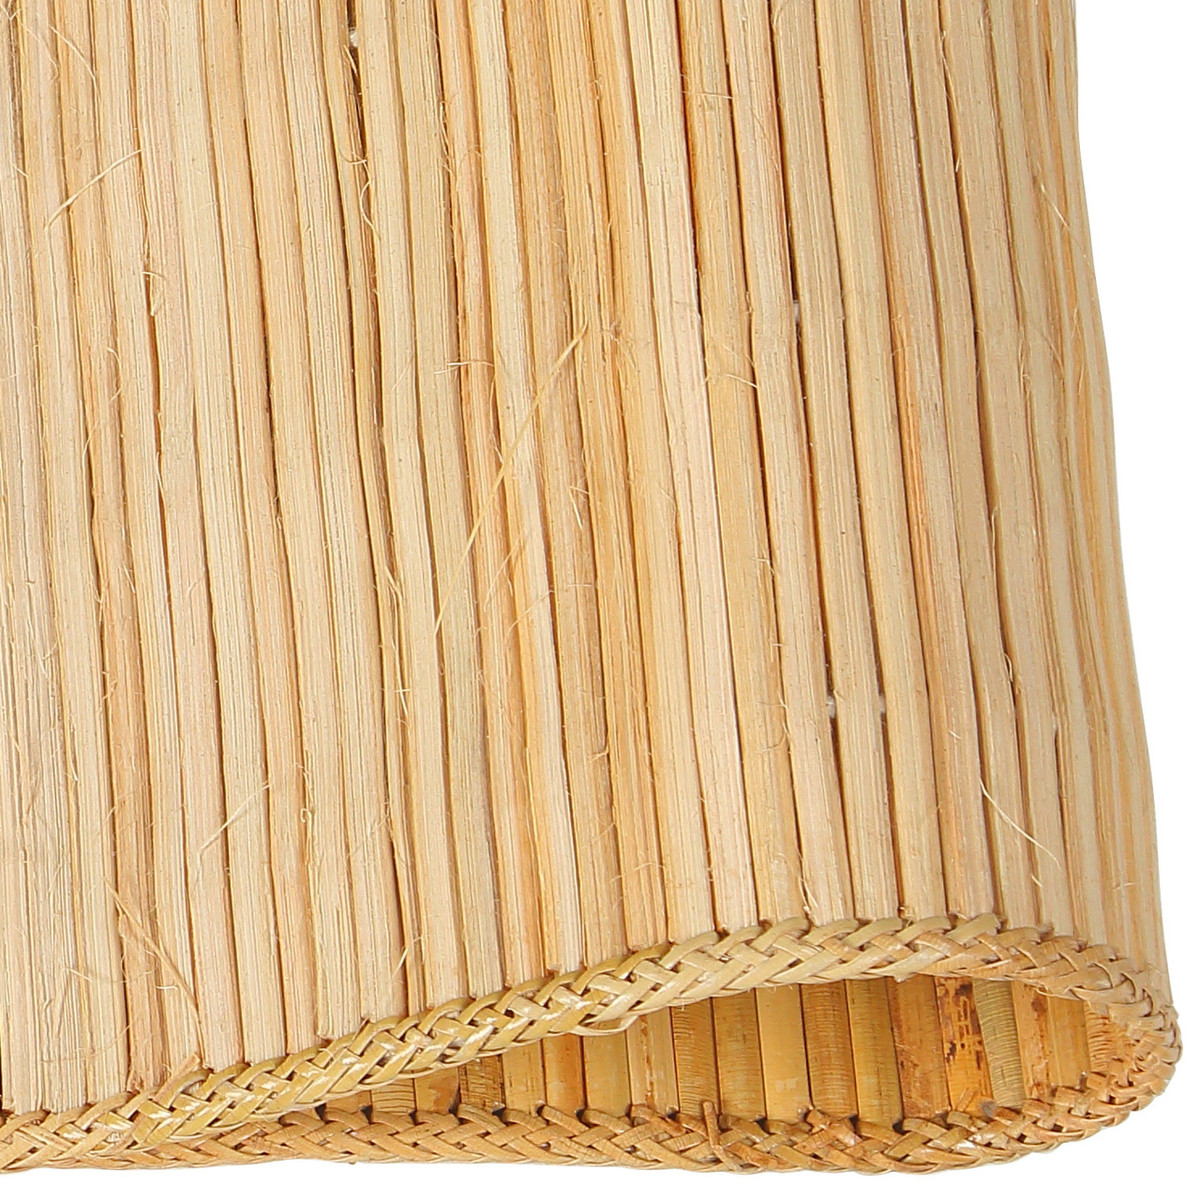 ... Bali Natural Bamboo Area Rug, ...